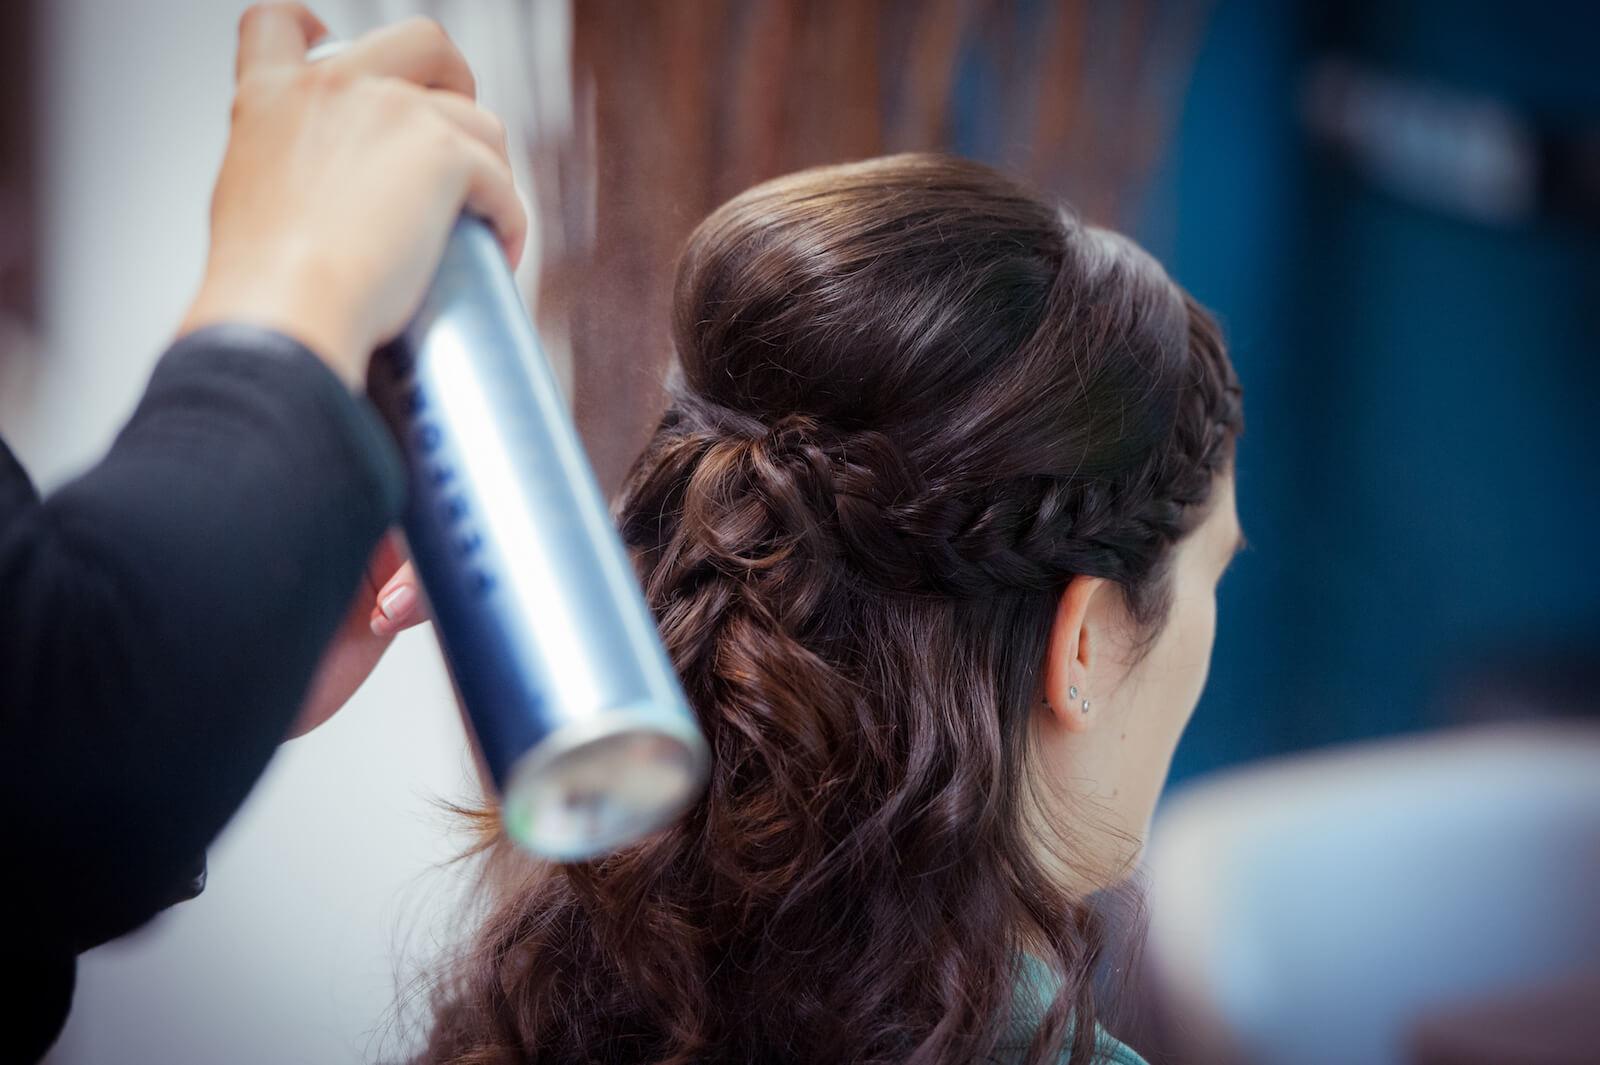 kirchliche Trauung in Landsberg - die Frisur der Braut wird mit Haarspray fixiert